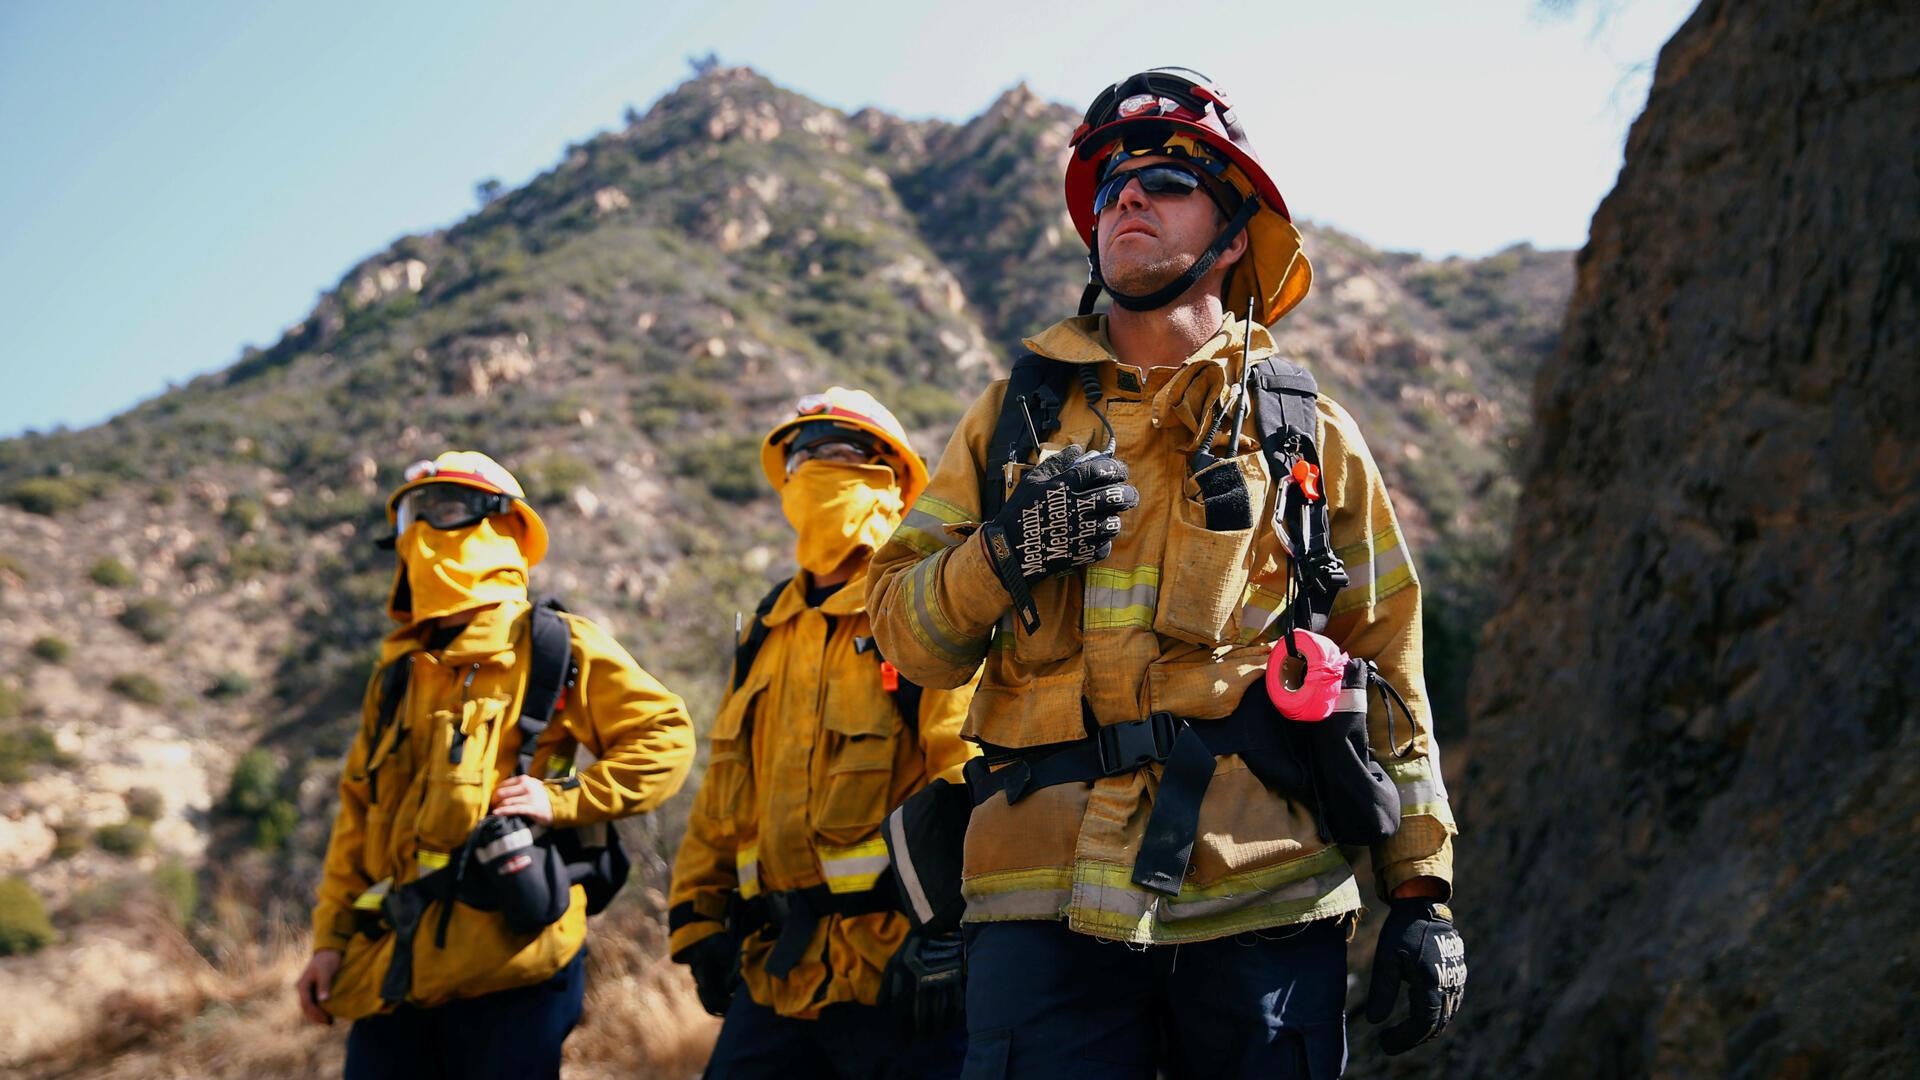 Los bomberos de California, considerados héroes por su comunidad, no se rinden ante la inmensidad del 'Camp Fire'.